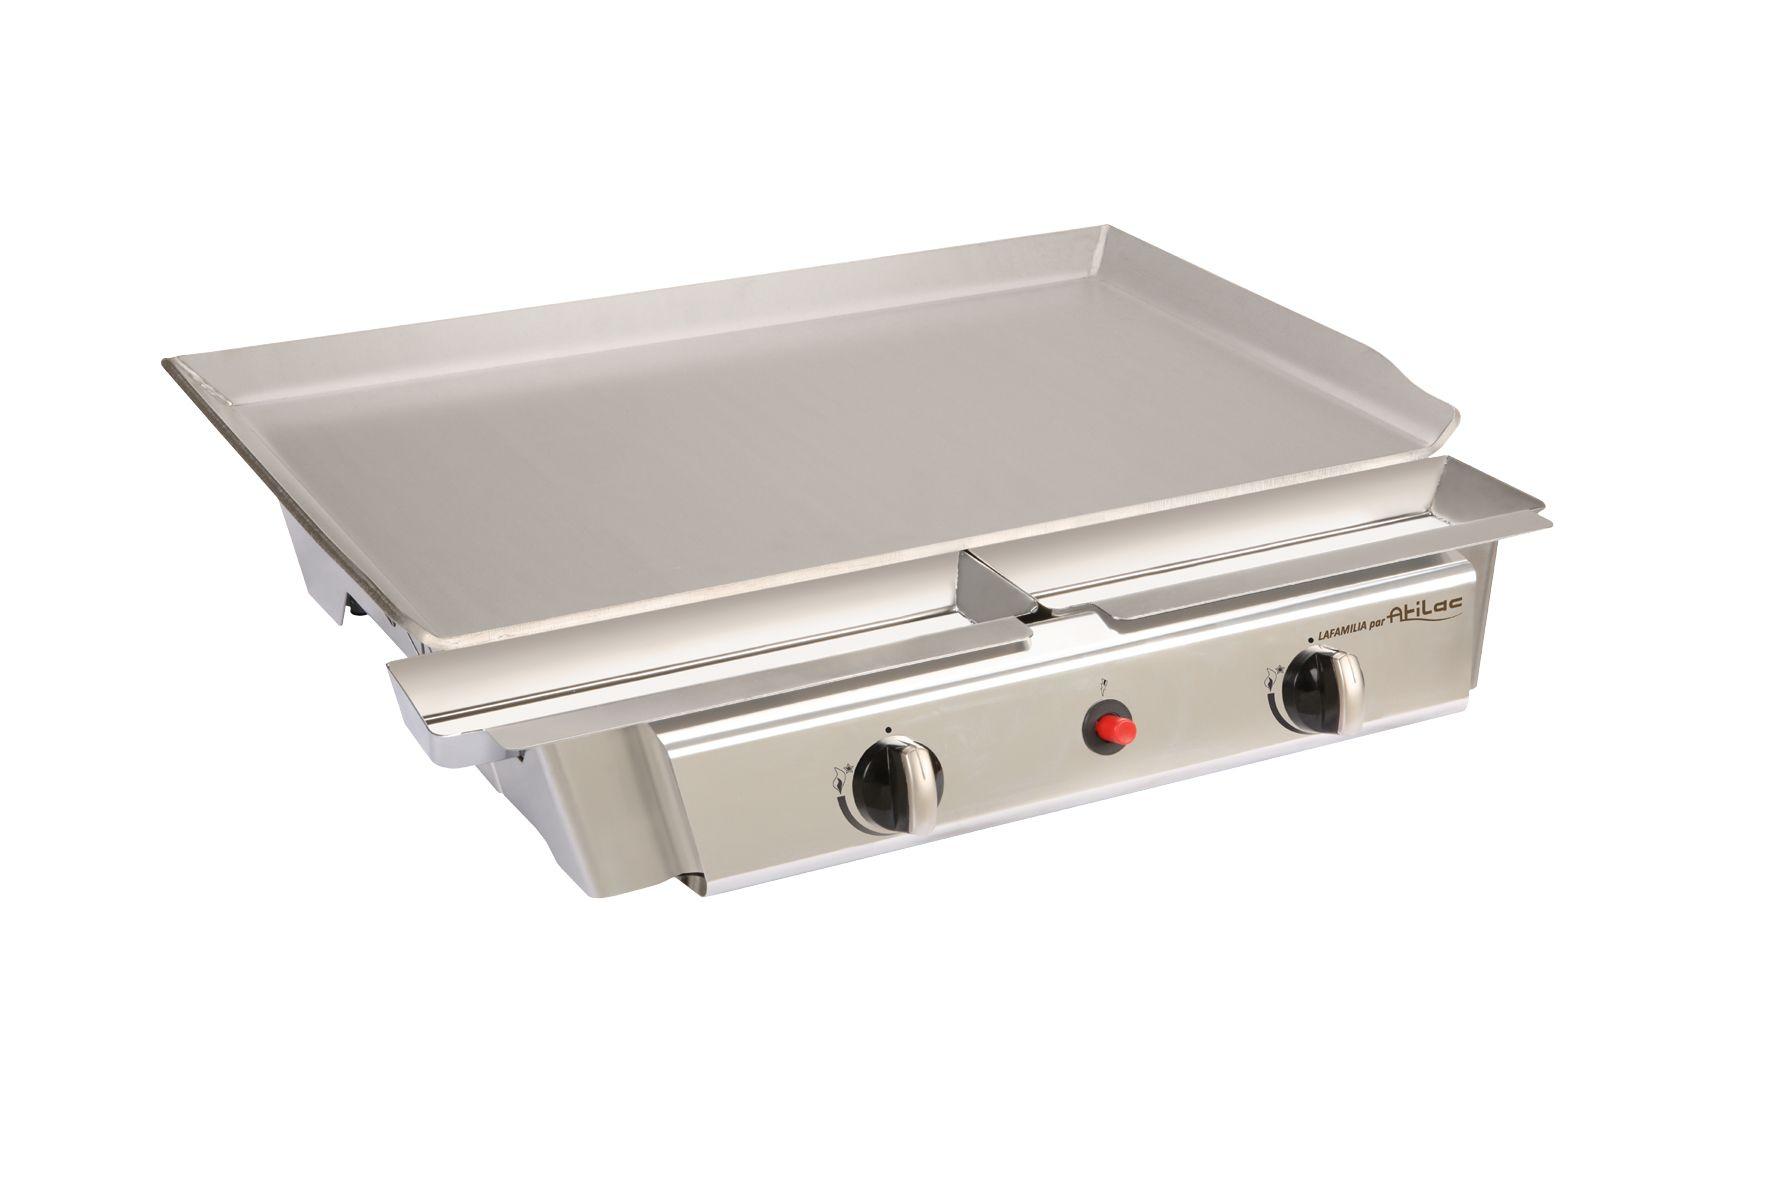 Plancha gaz inox Lafamilia conçue pour 5 à 9 personnes. Des repas savoureux à découvrir sur http://www.plancha-sevillana.com/produit/plancha-gaz-lafamilia/